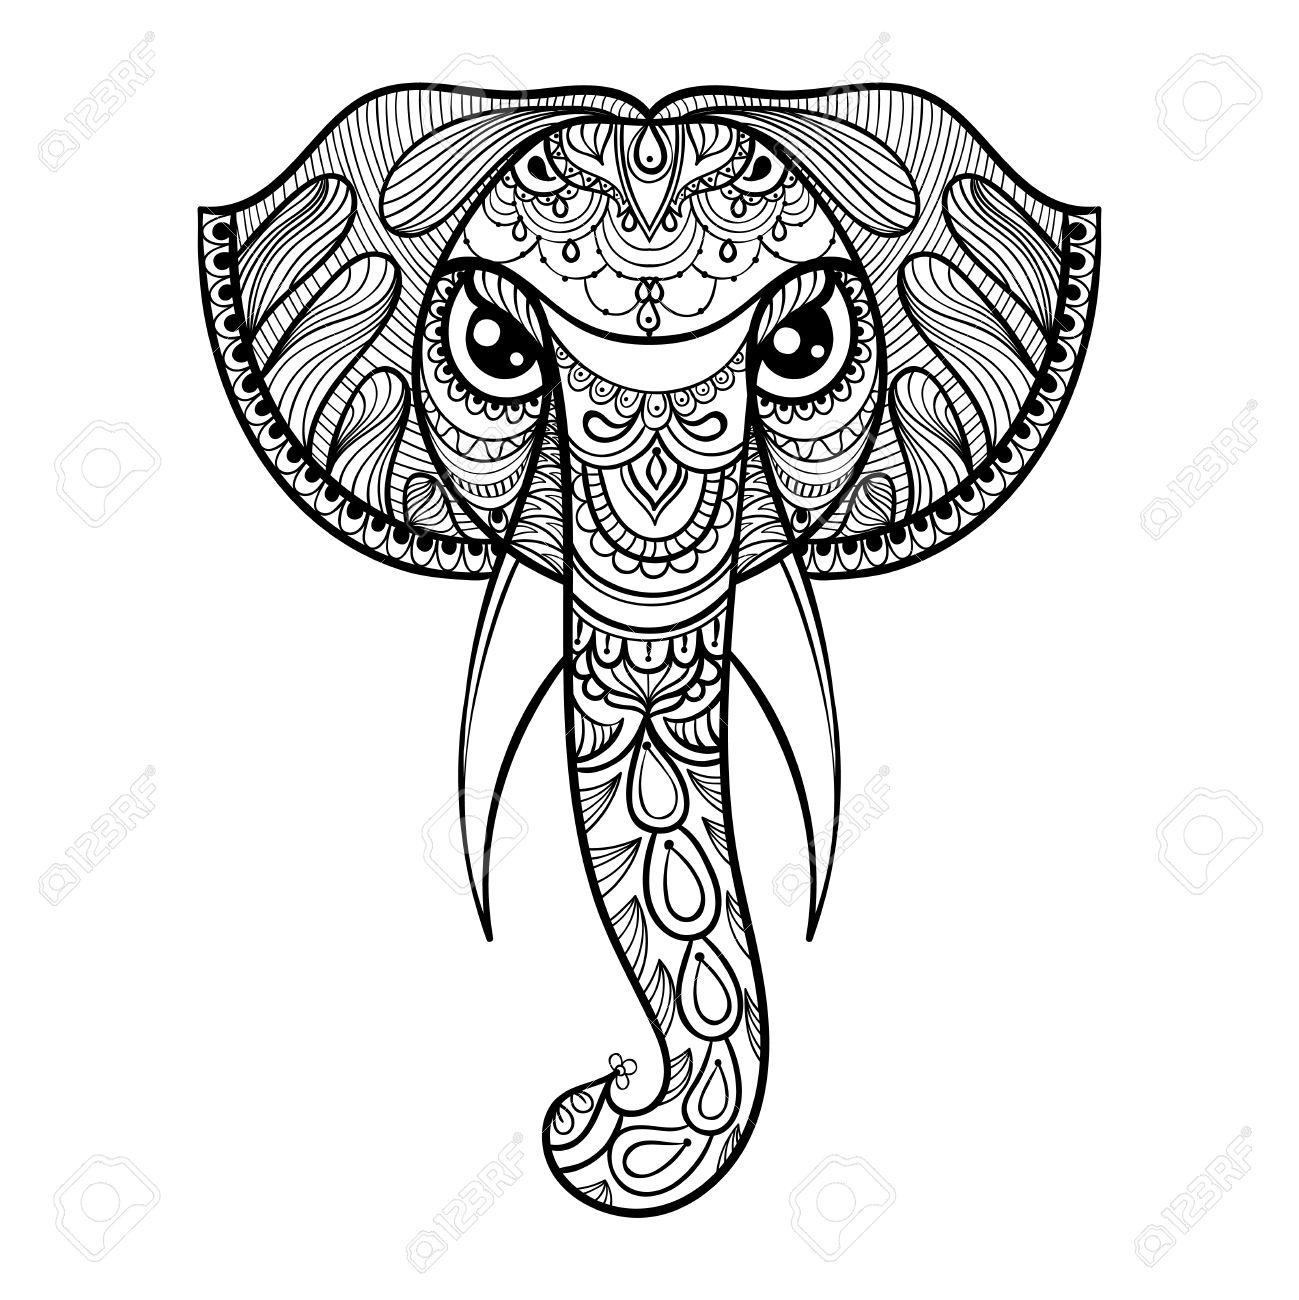 Vector Ornamental Cabeza De Elefante, La Mascota Zentangled étnica ...